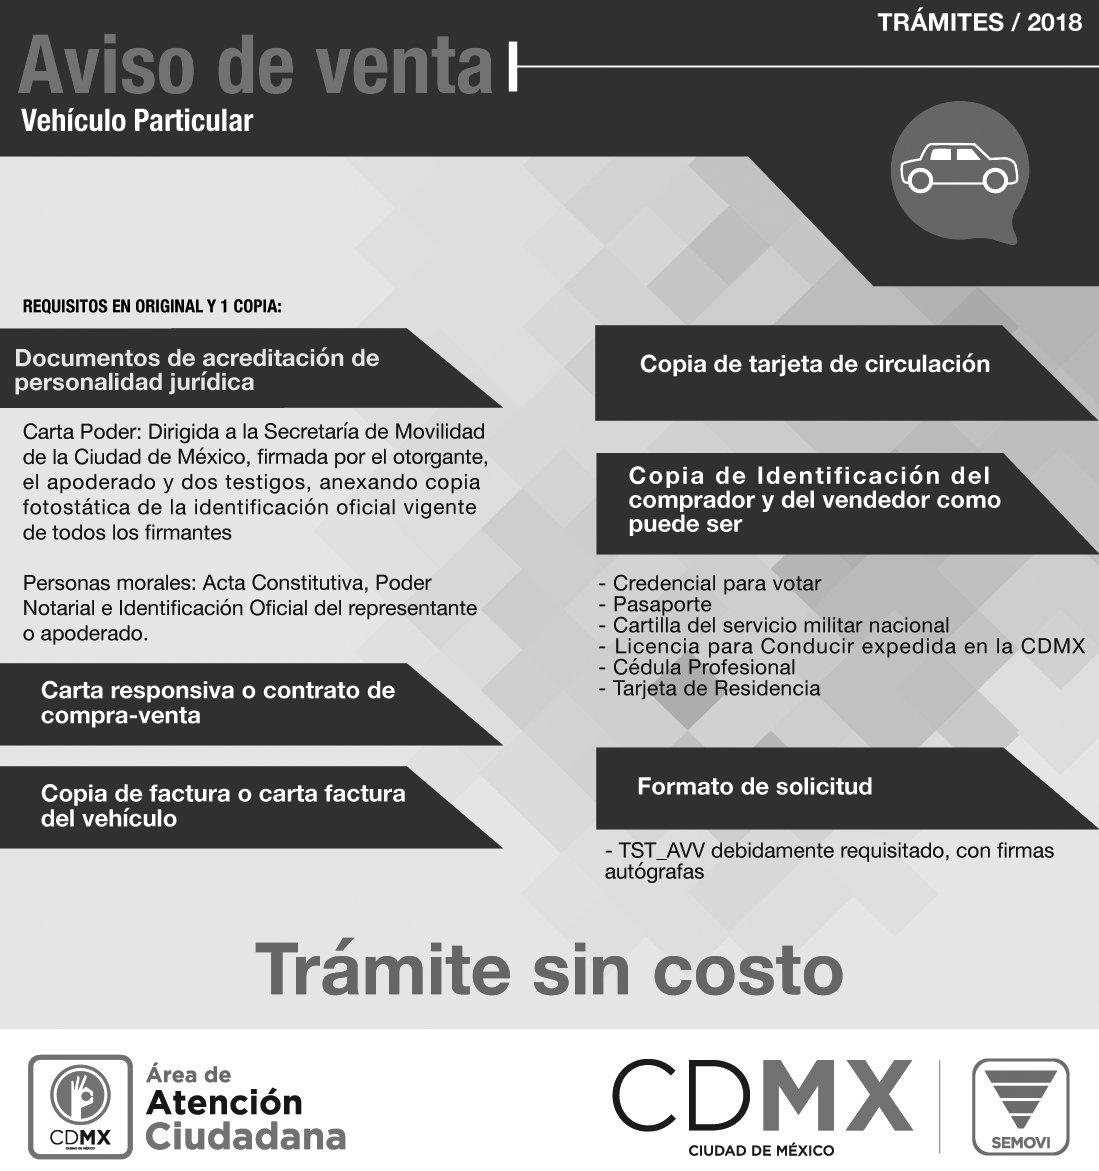 Secretaría De Movilidad Cdmx On Twitter El Aviso De Venta